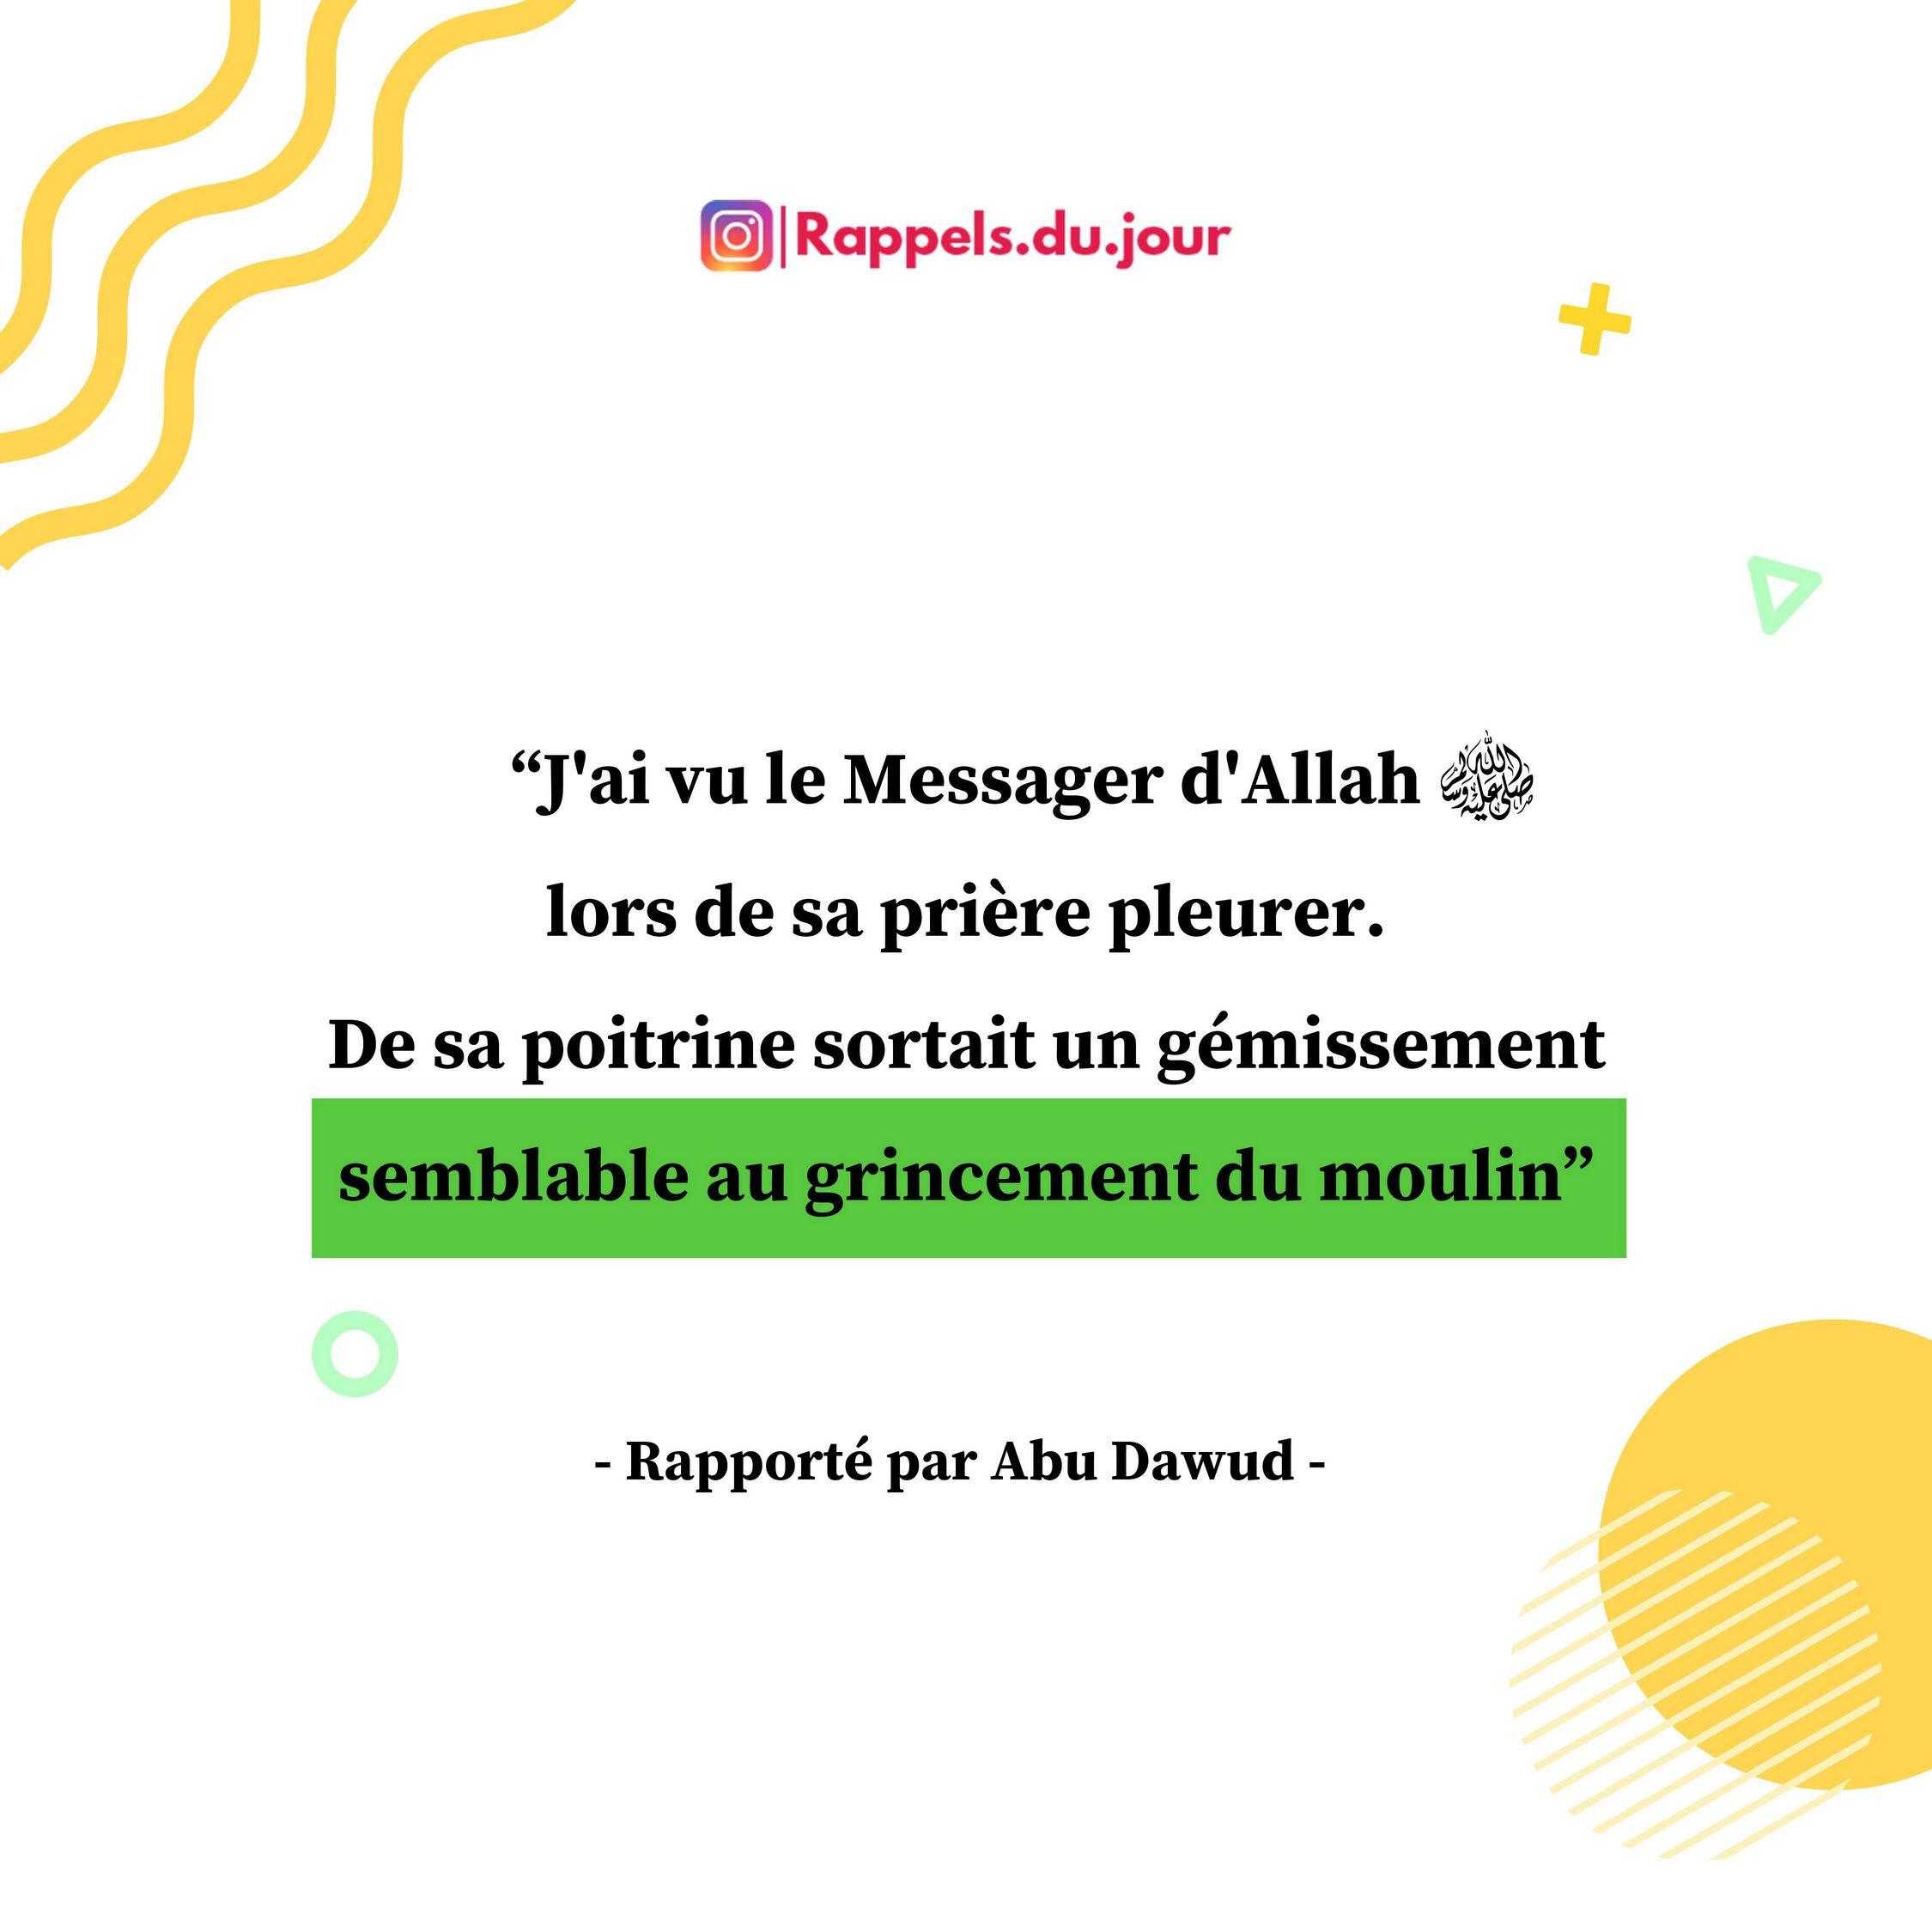 Hadith Muttarif - Le Messager d'Allah pleurer dans la priere